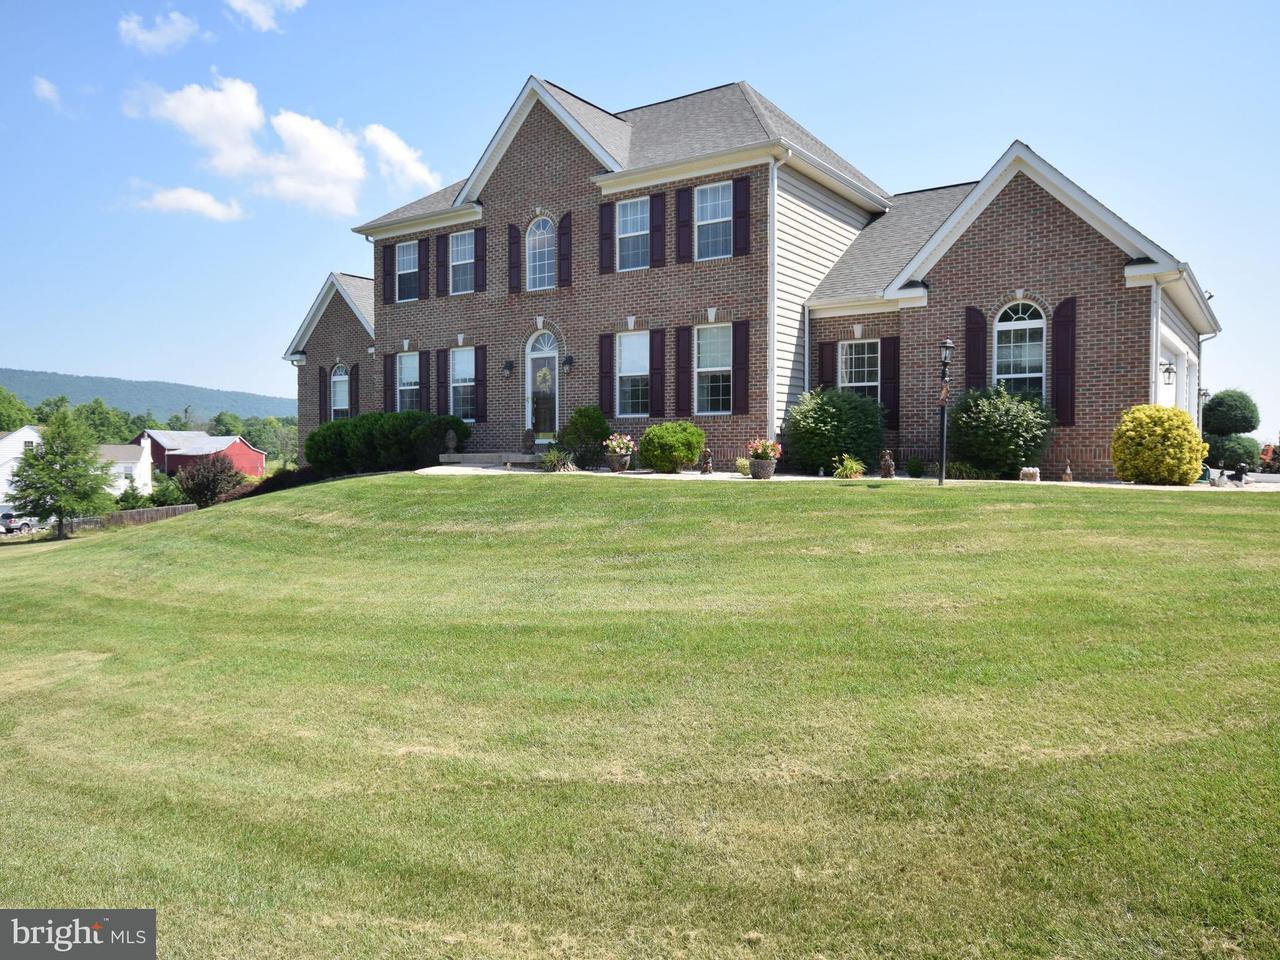 Частный односемейный дом для того Продажа на 97 Junction Overlook 97 Junction Overlook Strasburg, Виргиния 22657 Соединенные Штаты